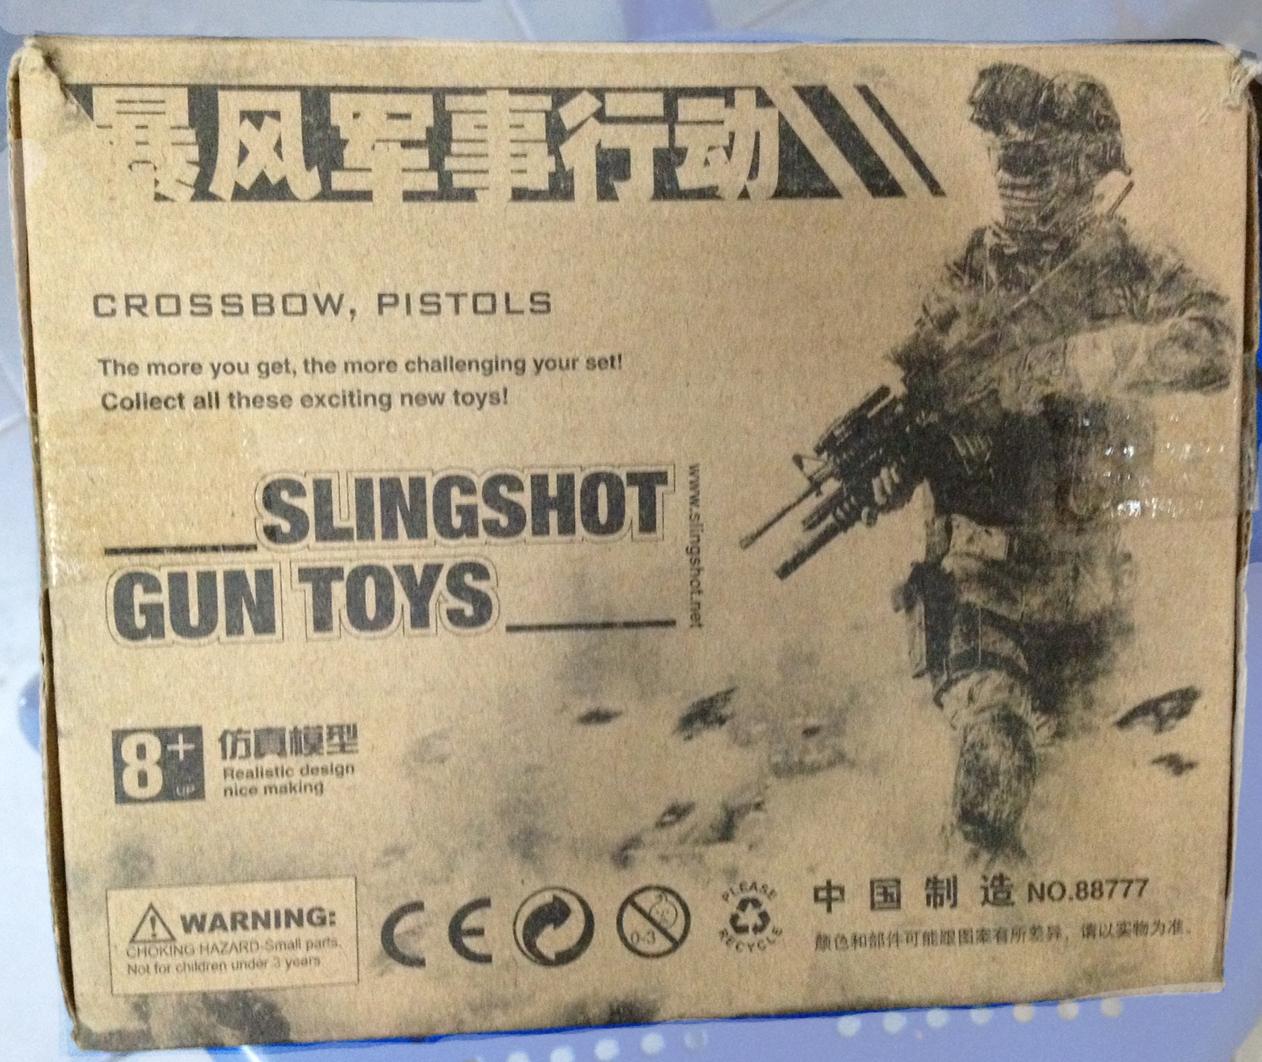 ชุดรวมโมเดลอาวุธปืน SlingShotGun Toys 12 กล่อง